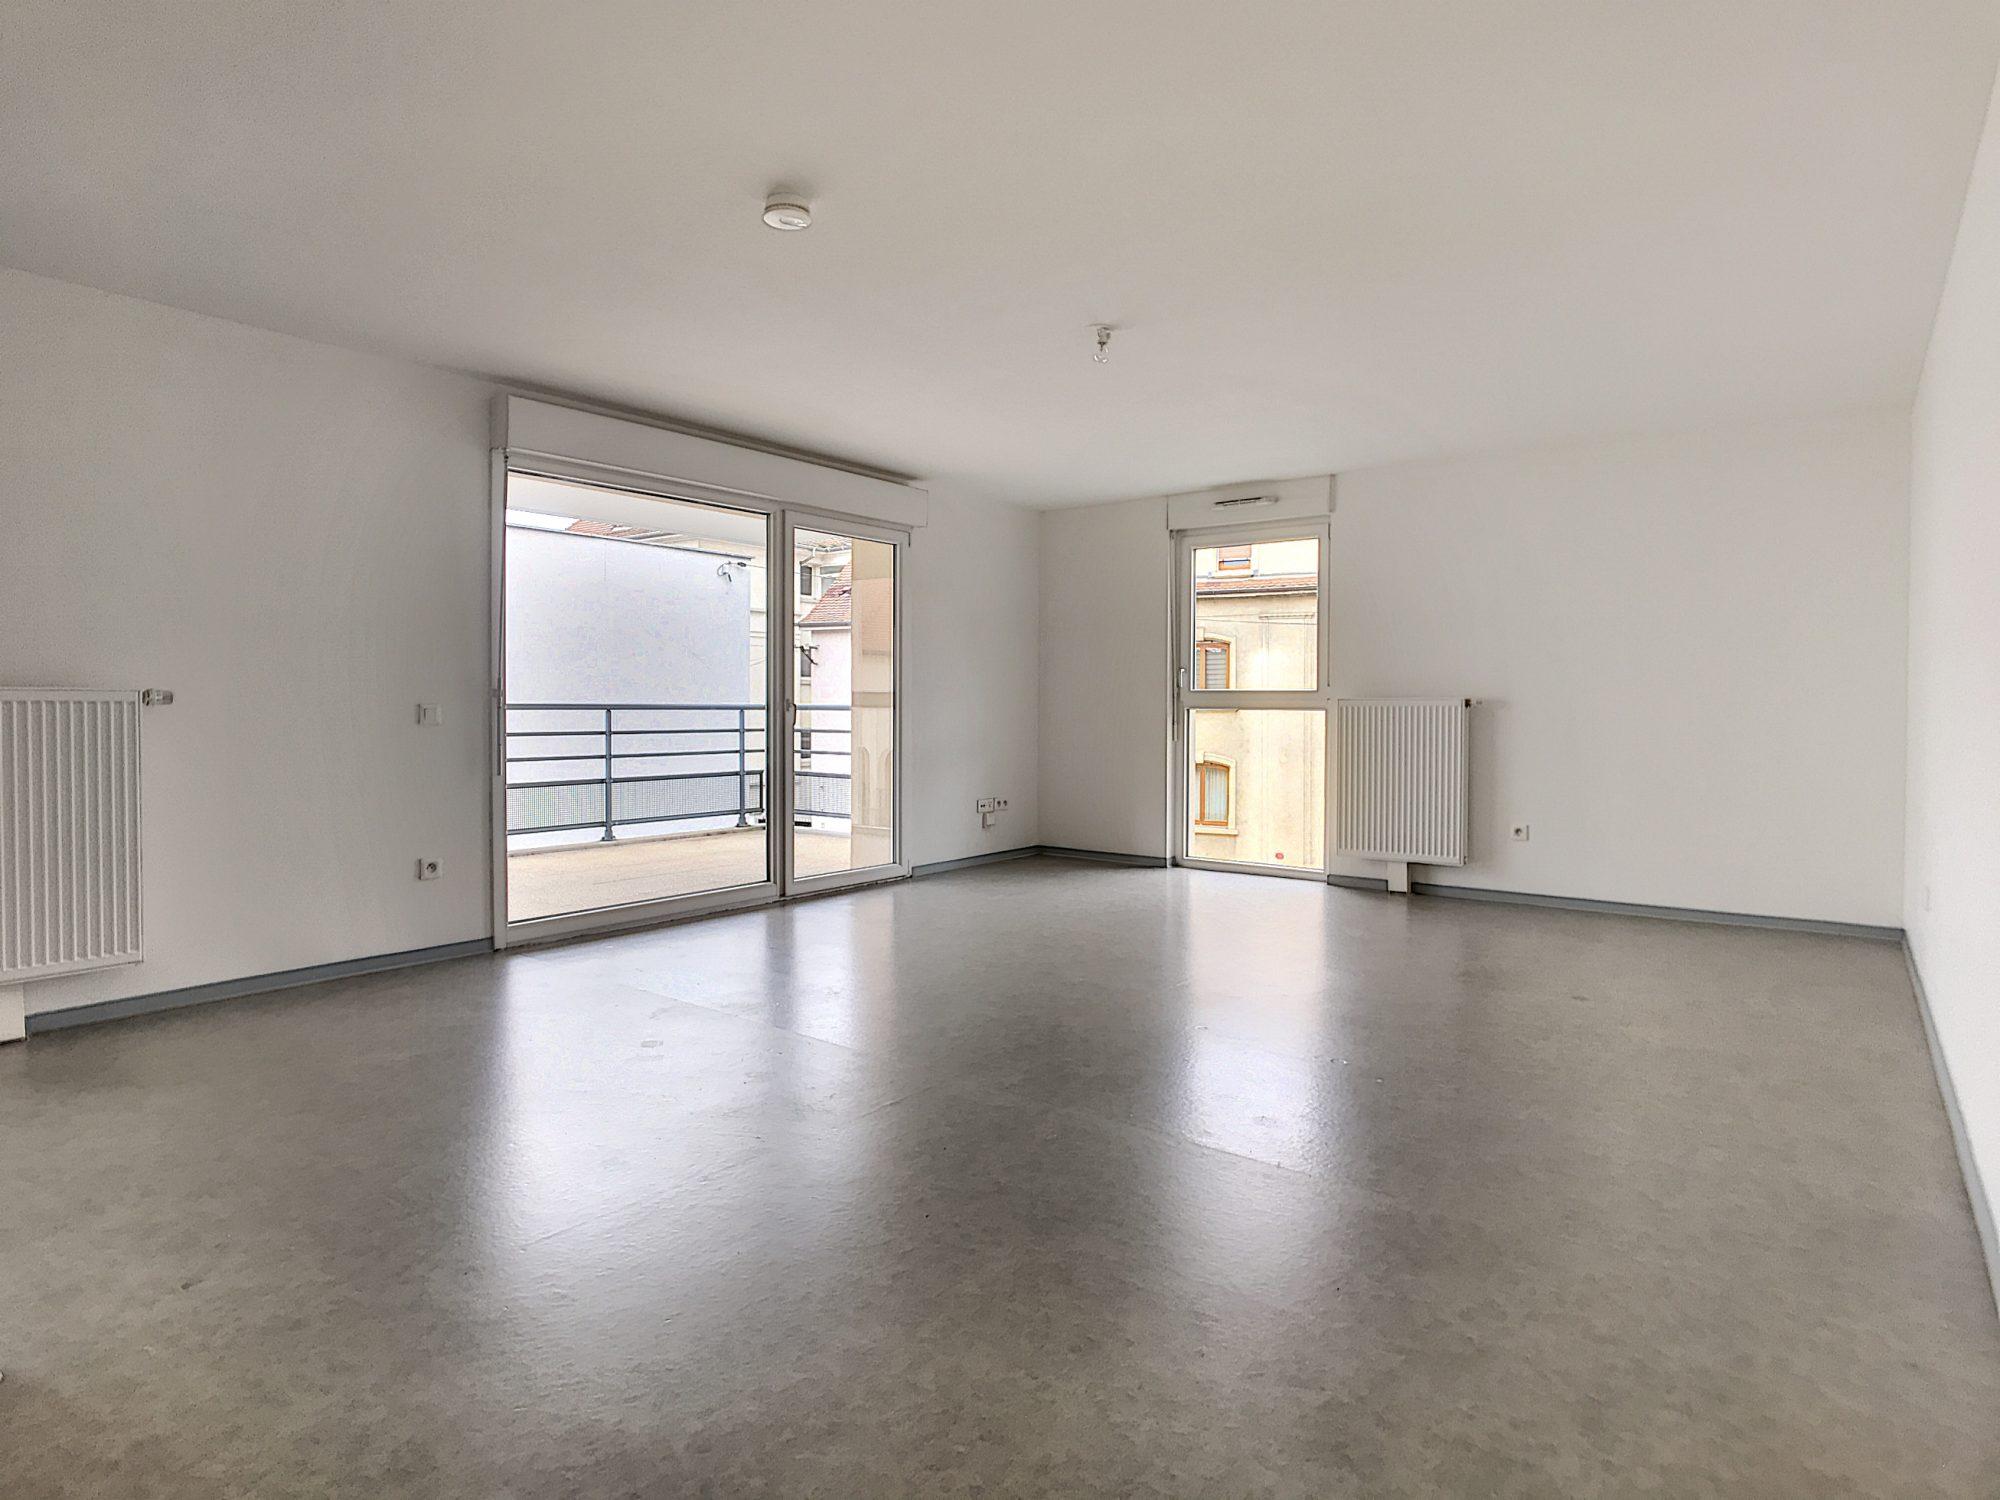 3 Pièces SCHILTIGHEIM + Terrasse - Devenez locataire en toute sérénité - Bintz Immobilier - 4